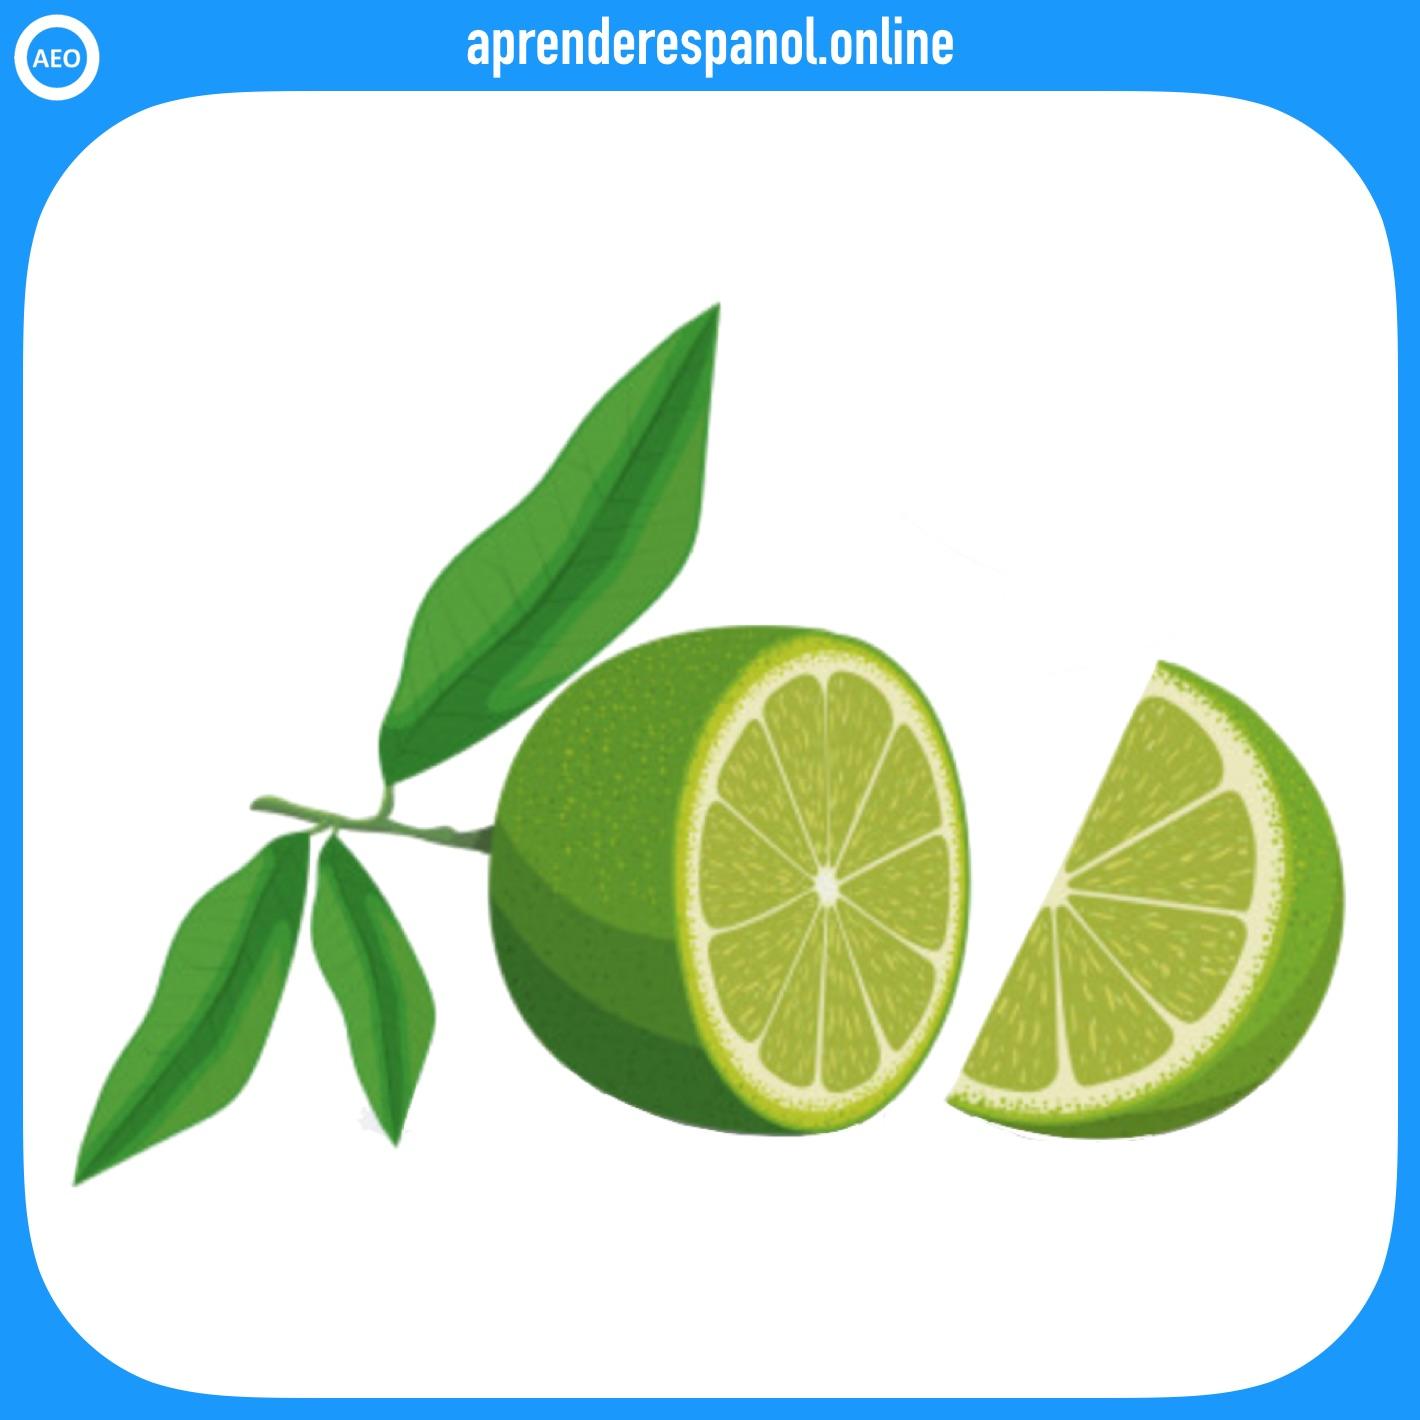 limón - frutas en español - vocabulario de las frutas en español